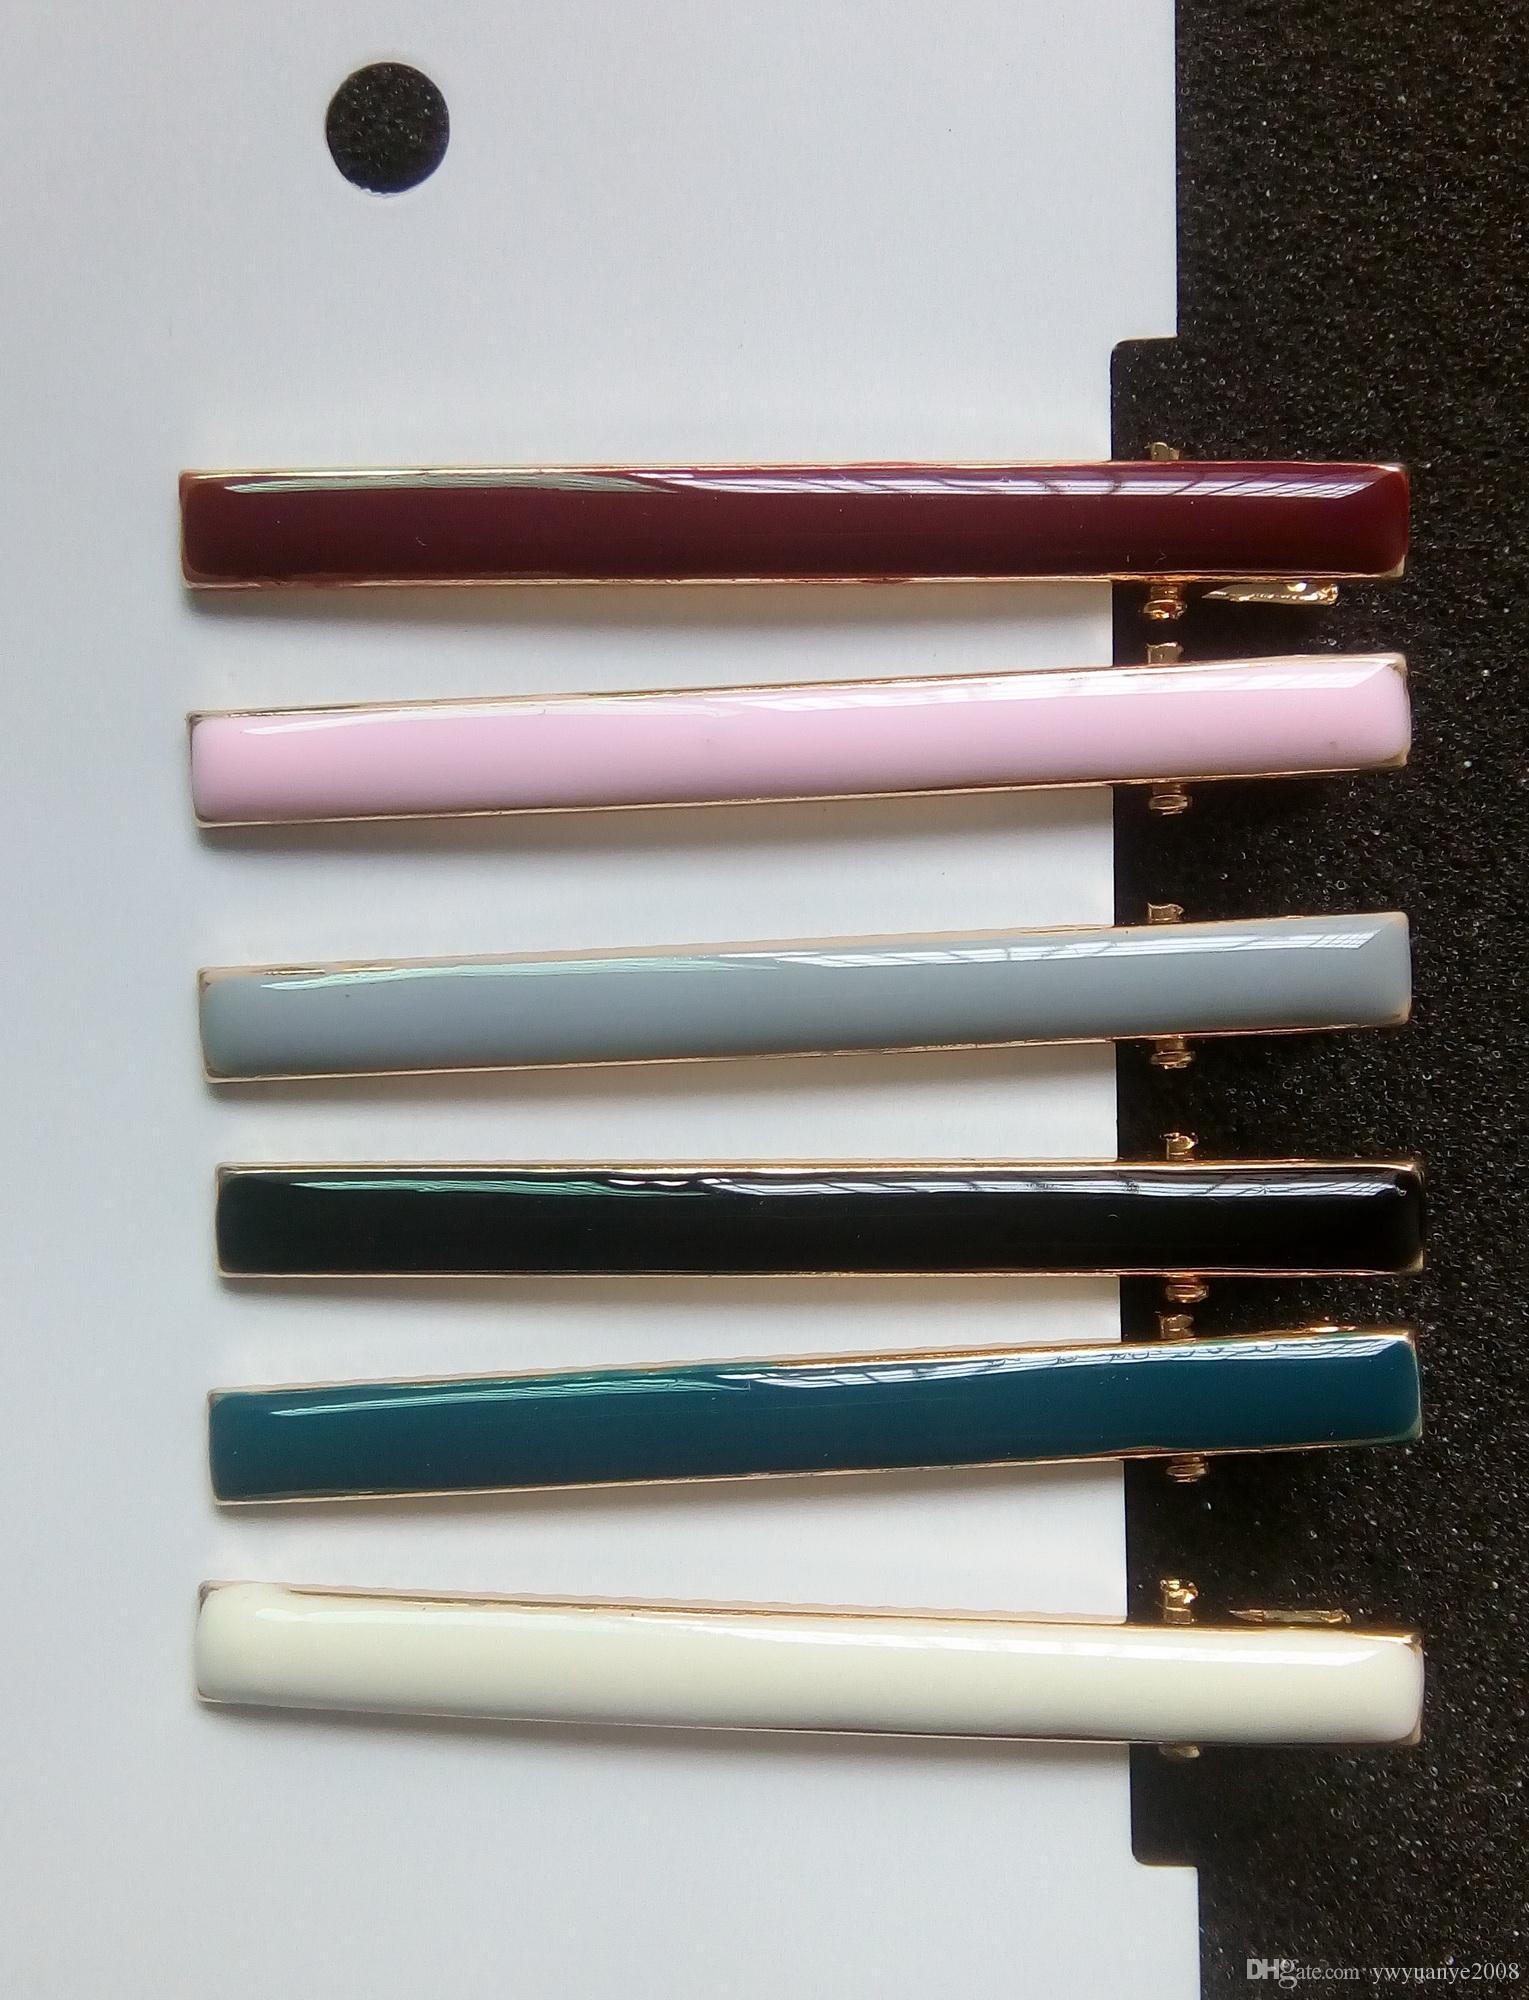 Neue Klassische Epoxy Haarspangen Gold Flache Ente Metall Emaille Haarspangen Tropföl Mischfarben Haarnadel Set Für Frauen 6 STÜCKE viel